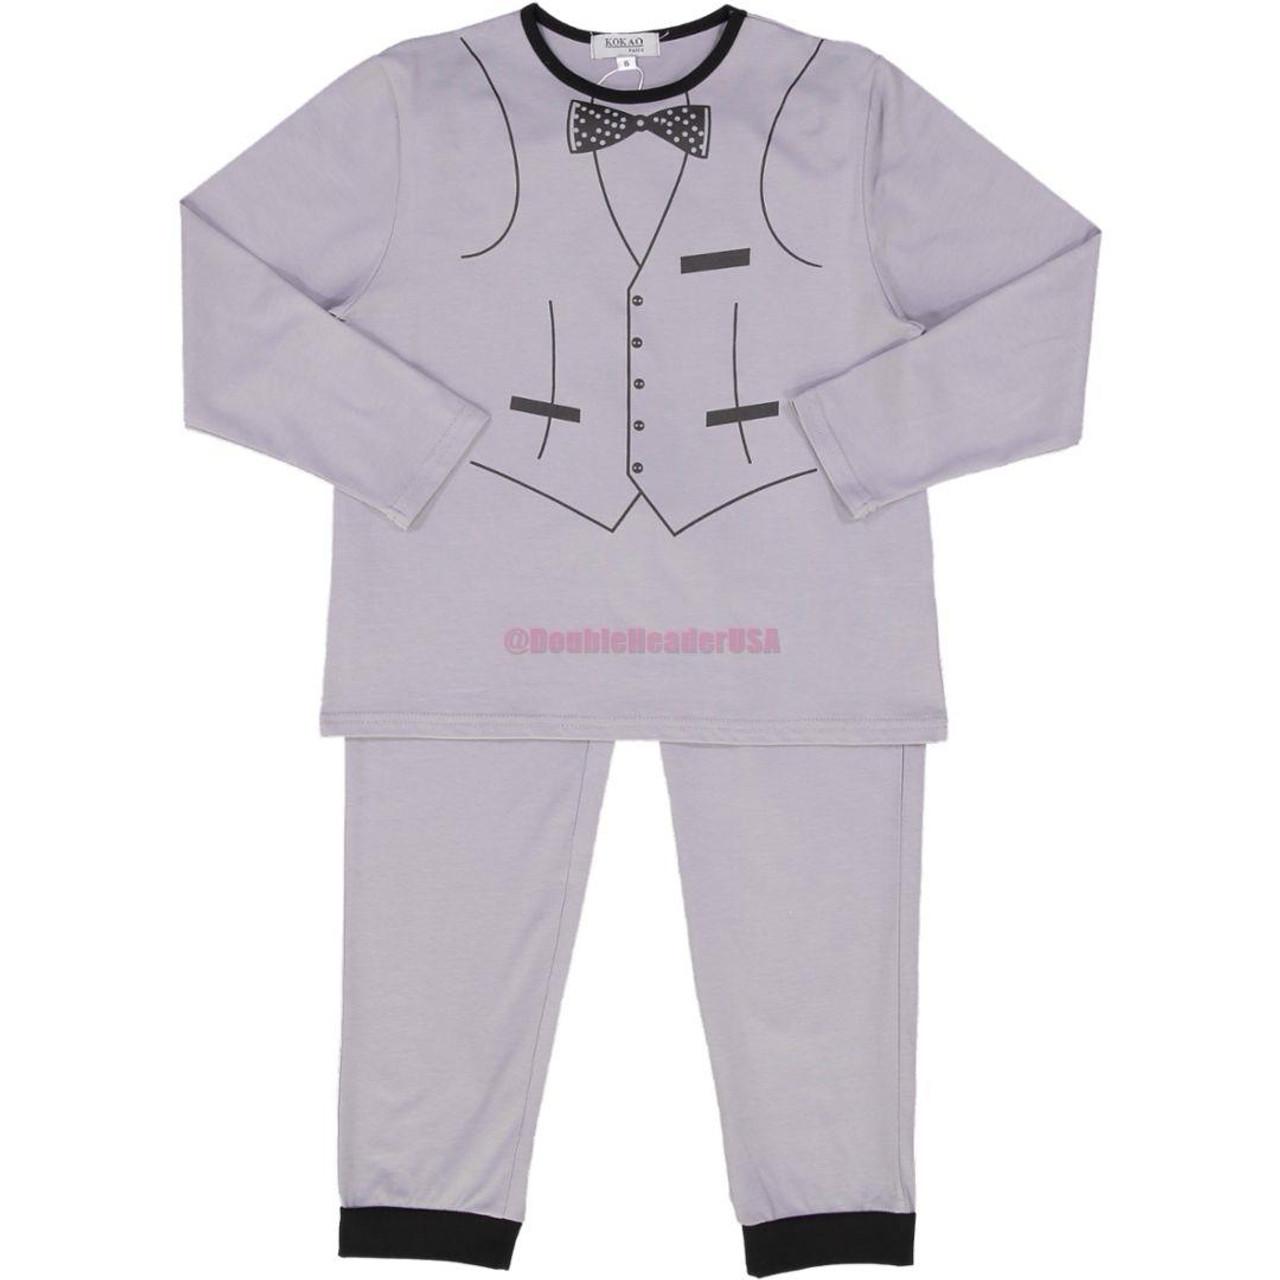 Kokao Boys Cotton Pajamas - BS1908PB